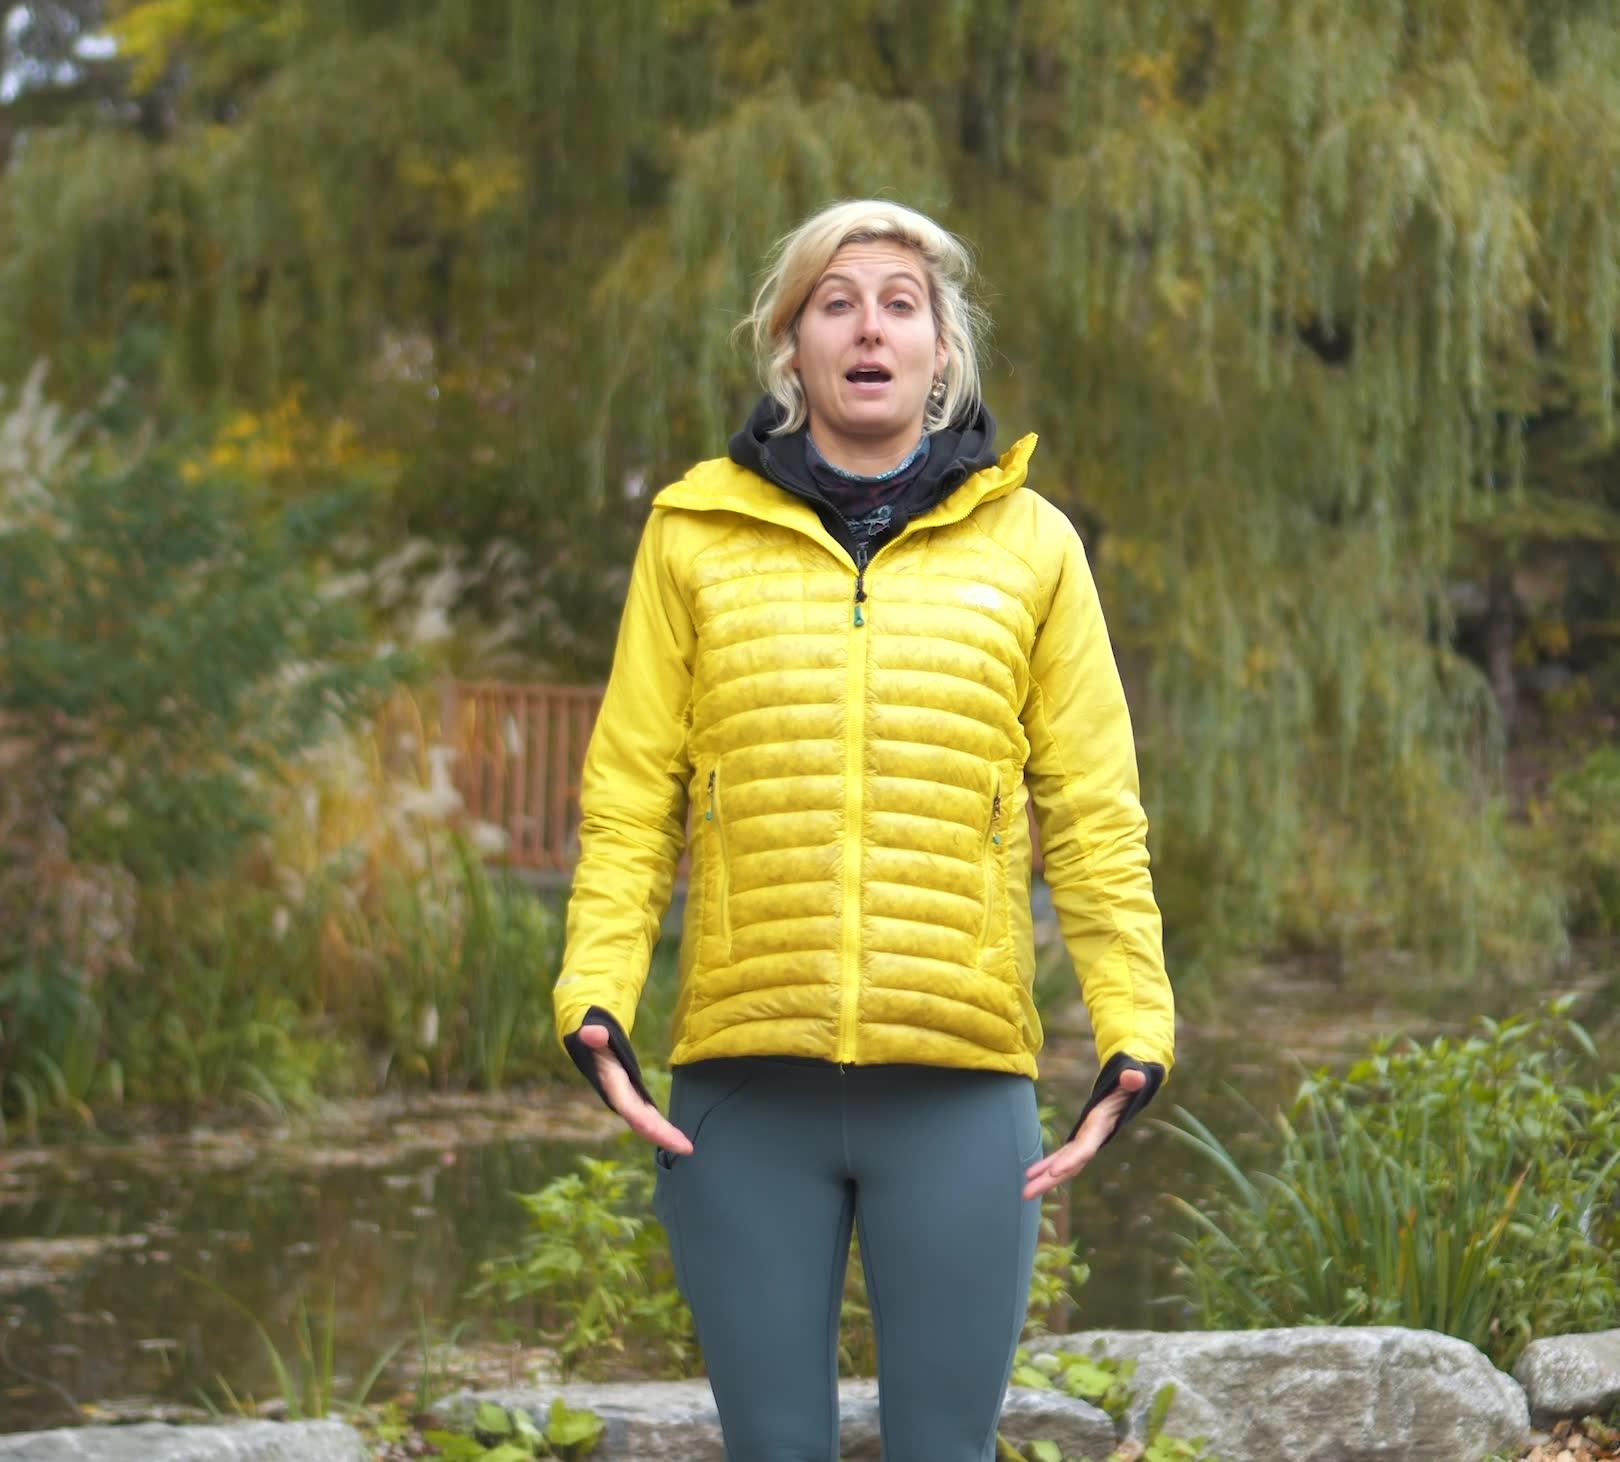 Comment garder une bonne posture de course, même dans les derniers km?